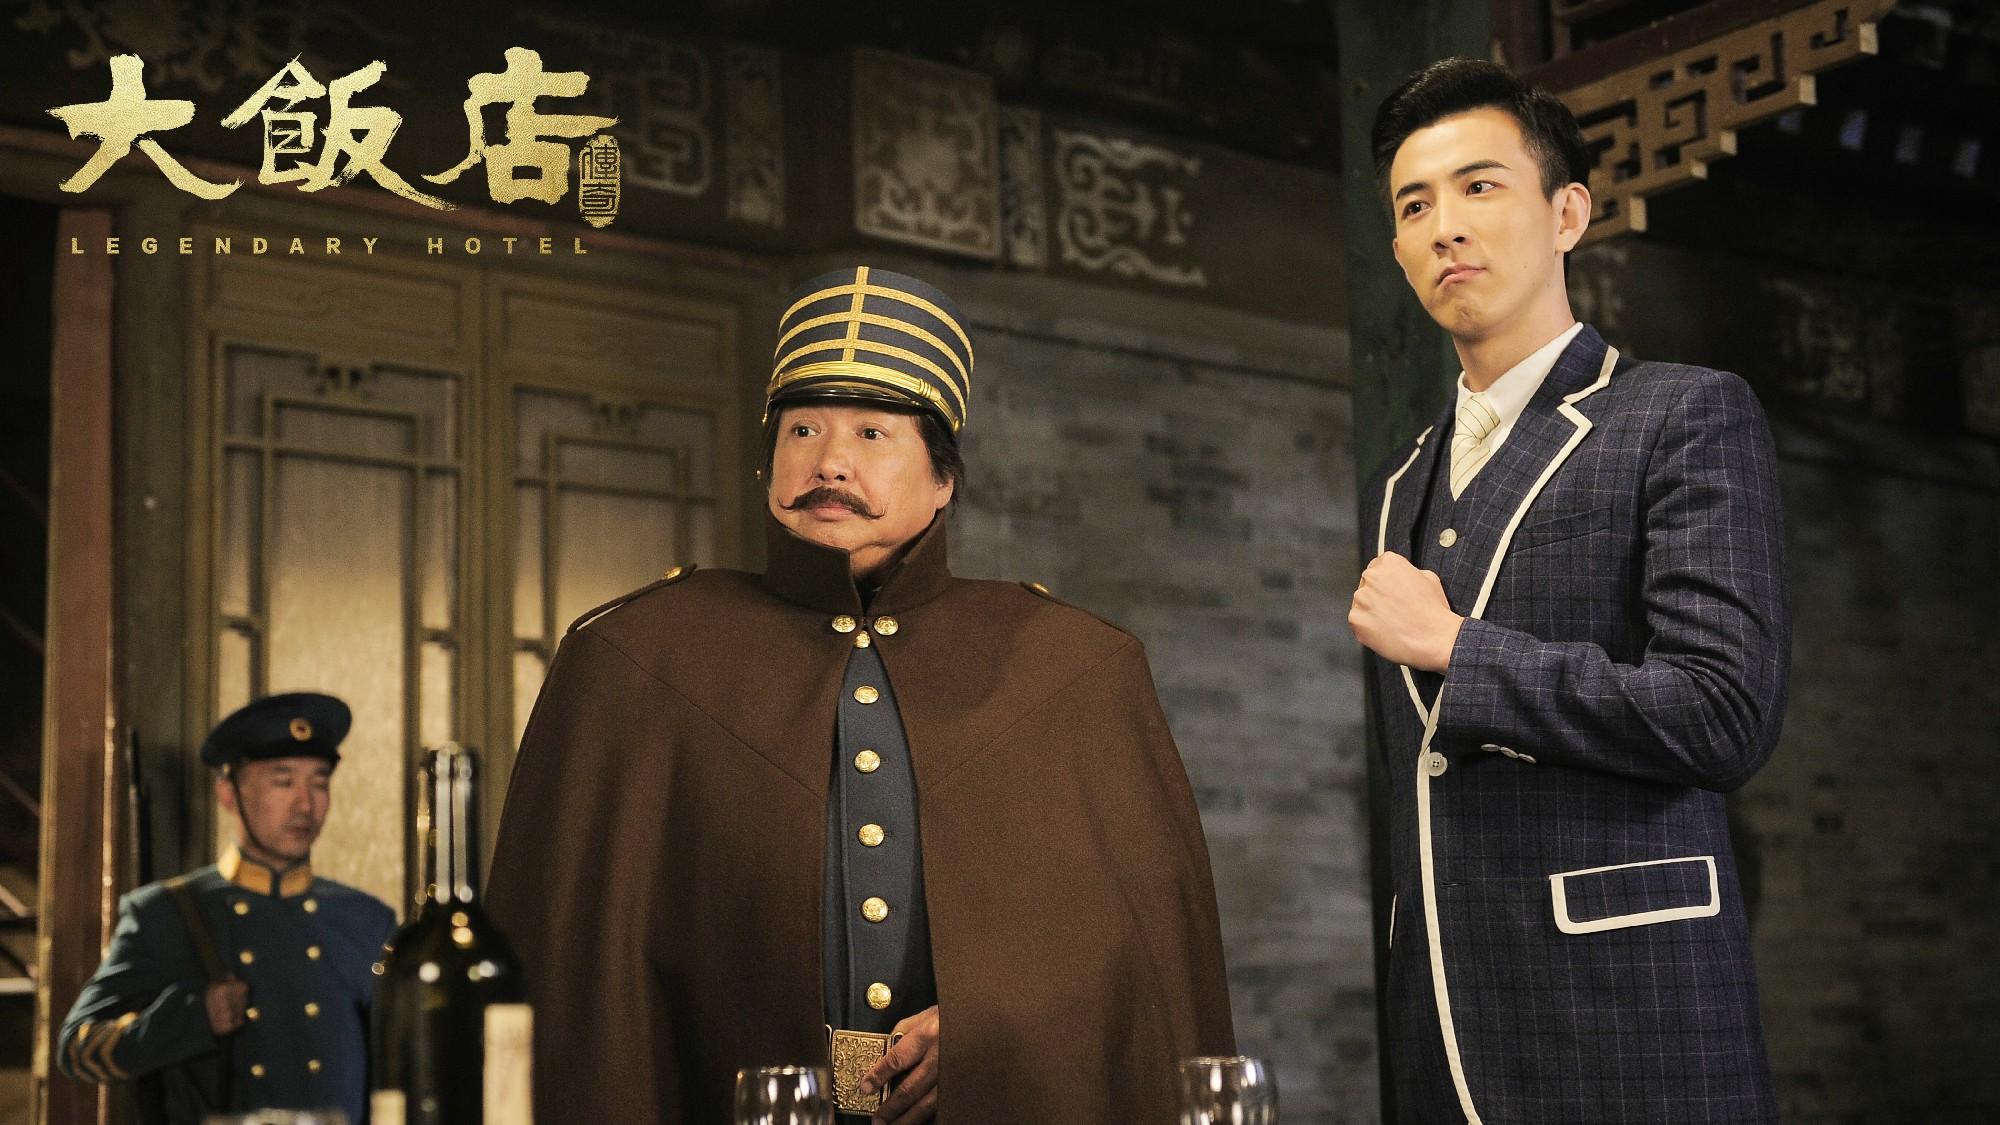 """洪金宝与李川成""""父子"""" 《大饭店传奇》再爆新奇笑料"""